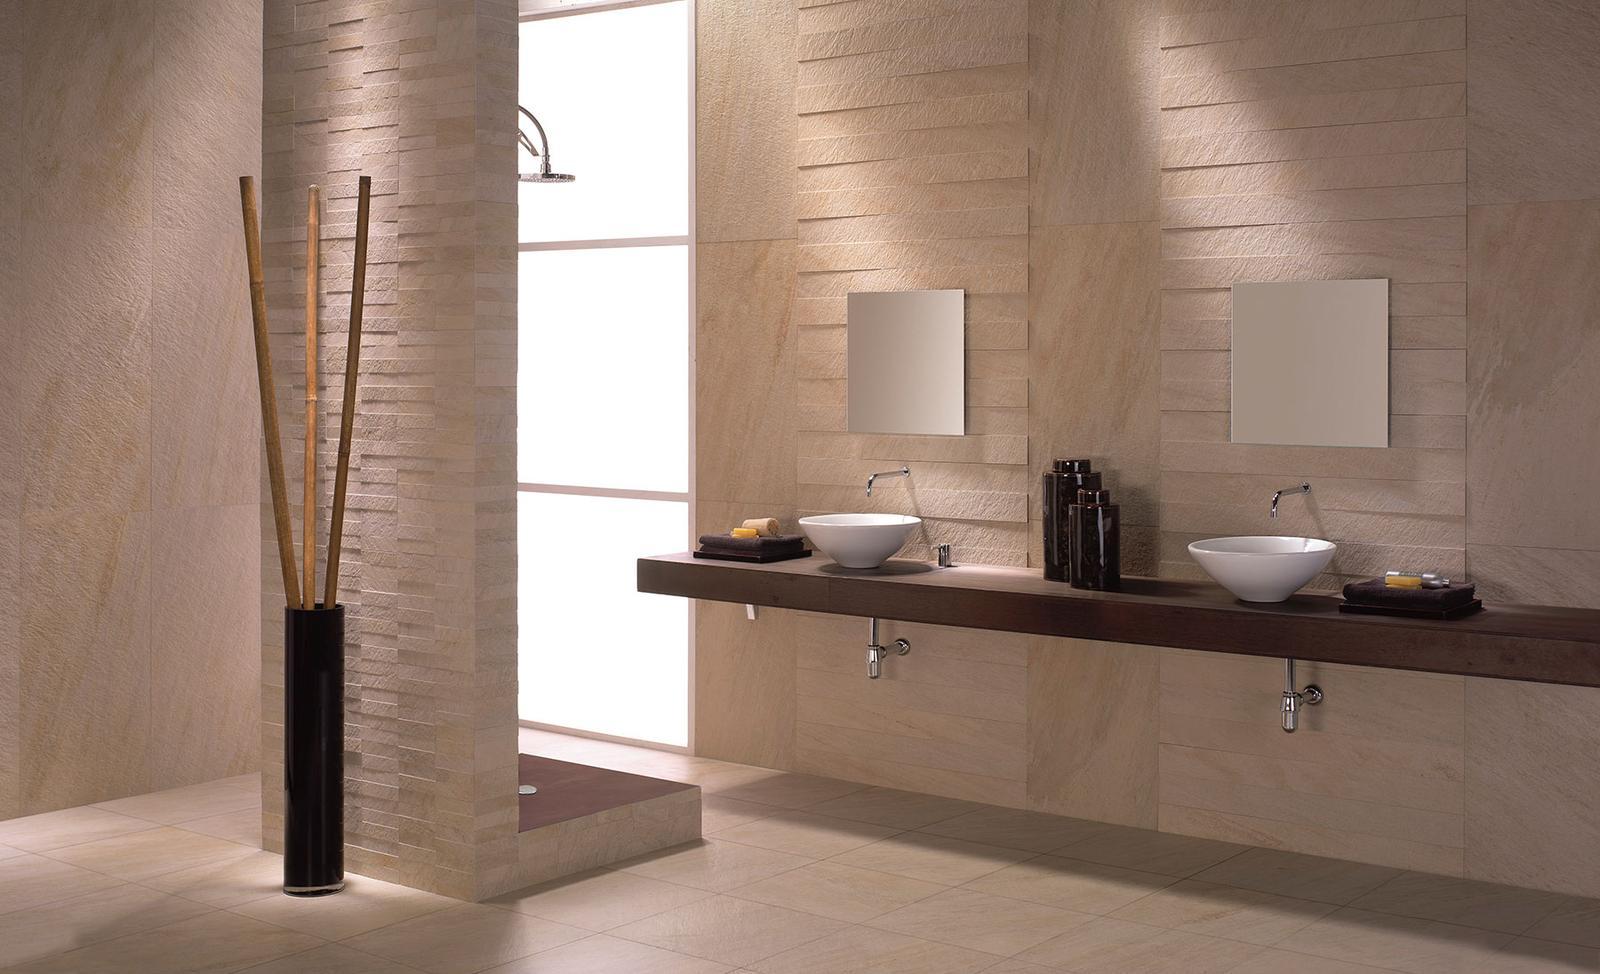 Luxusné kúpelne zo Španielska - moderná matná kúpeľna Cuarcita Mix 31,6x63,7